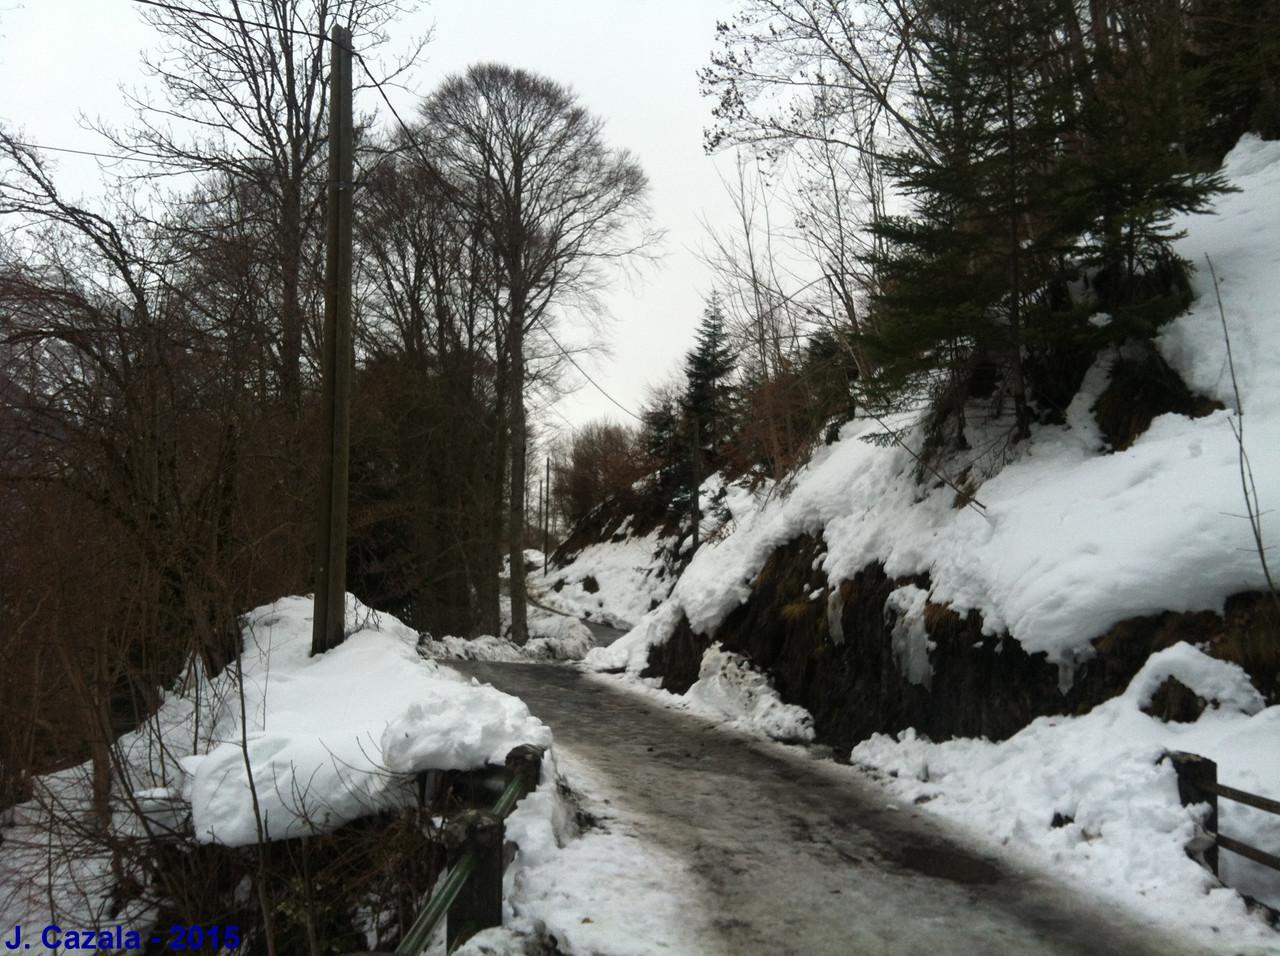 La route montant à la l'hôtellerie de la Reine Hortense